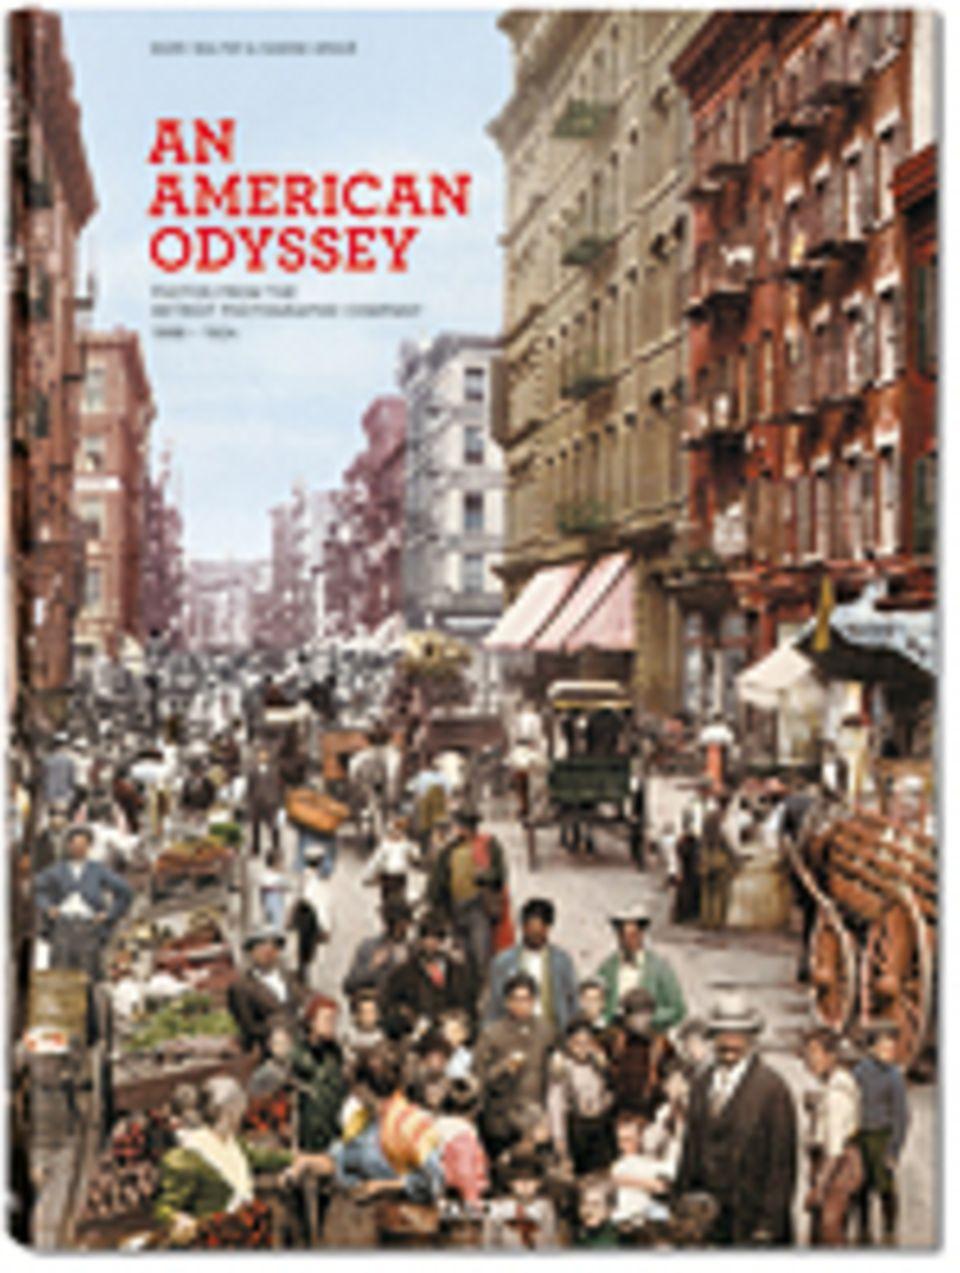 Fotogalerie: An American Odyssey, Marc Walter, Sabine Arqué, 600 Seiten, Texte auf Deutsch und Englisch, 150 Euro, erschienen bei Taschen Verlag, 2014